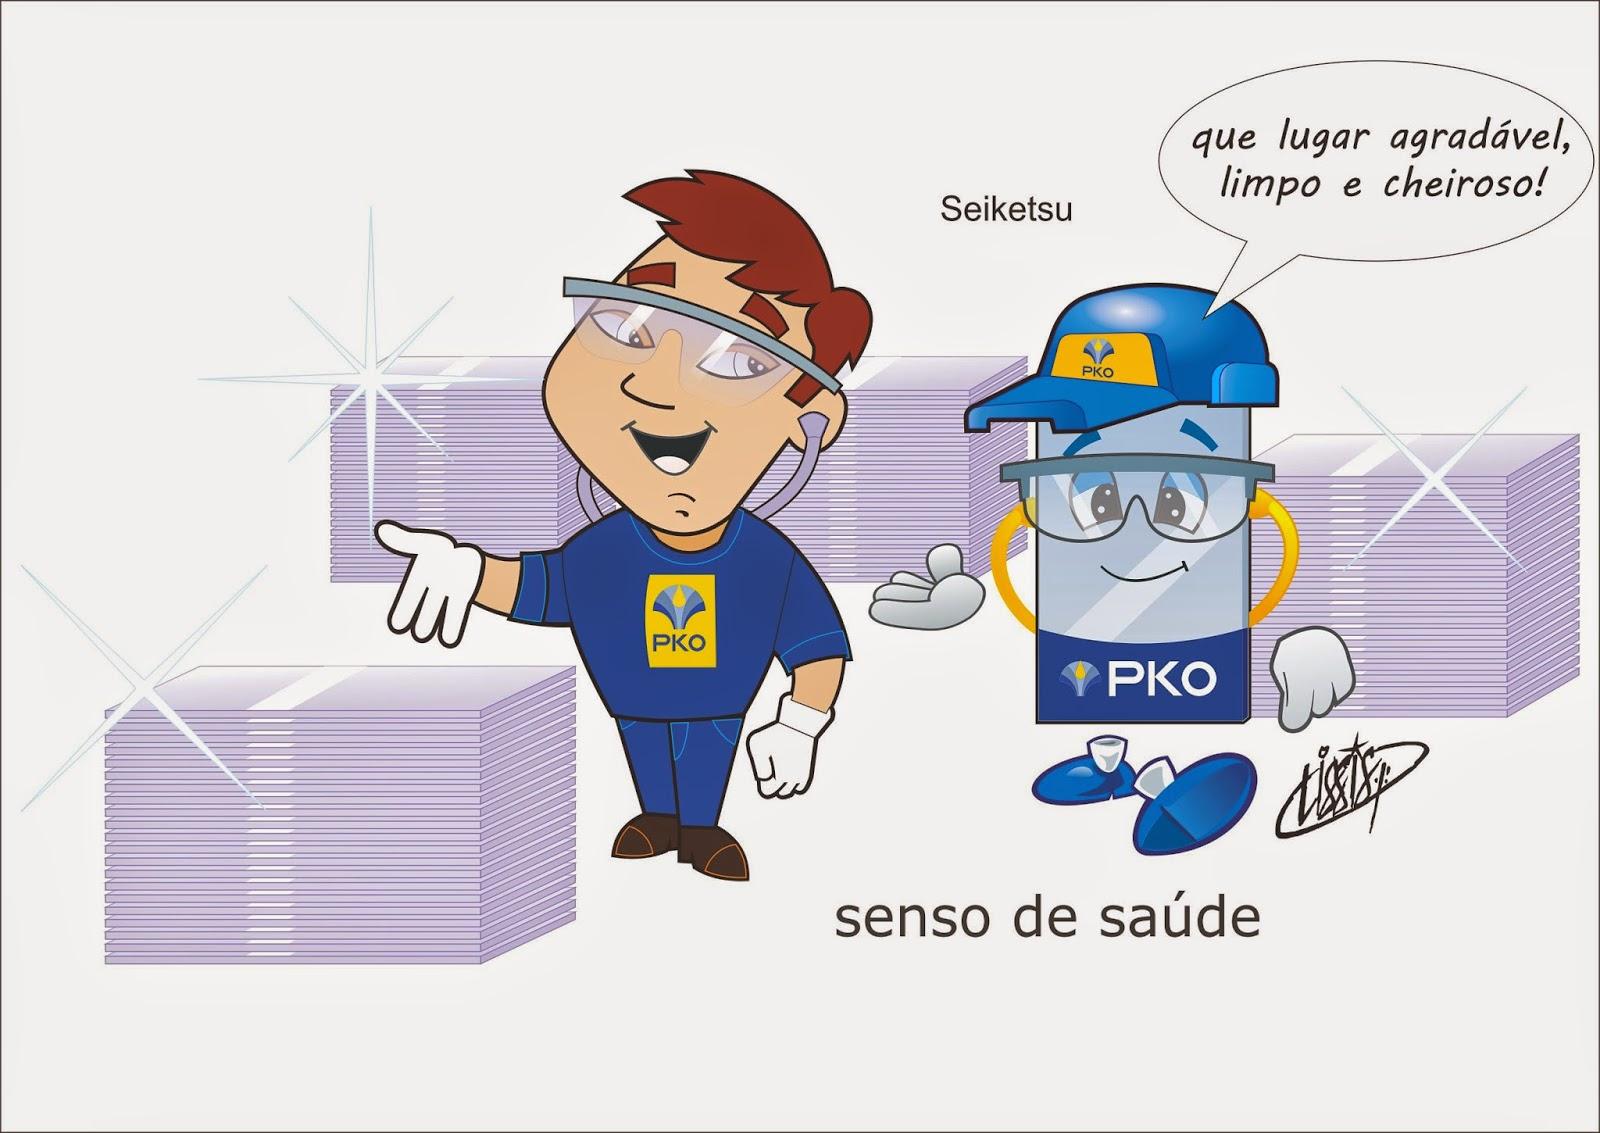 Programa 5 S desenho senso saúde 02 Seiketsu